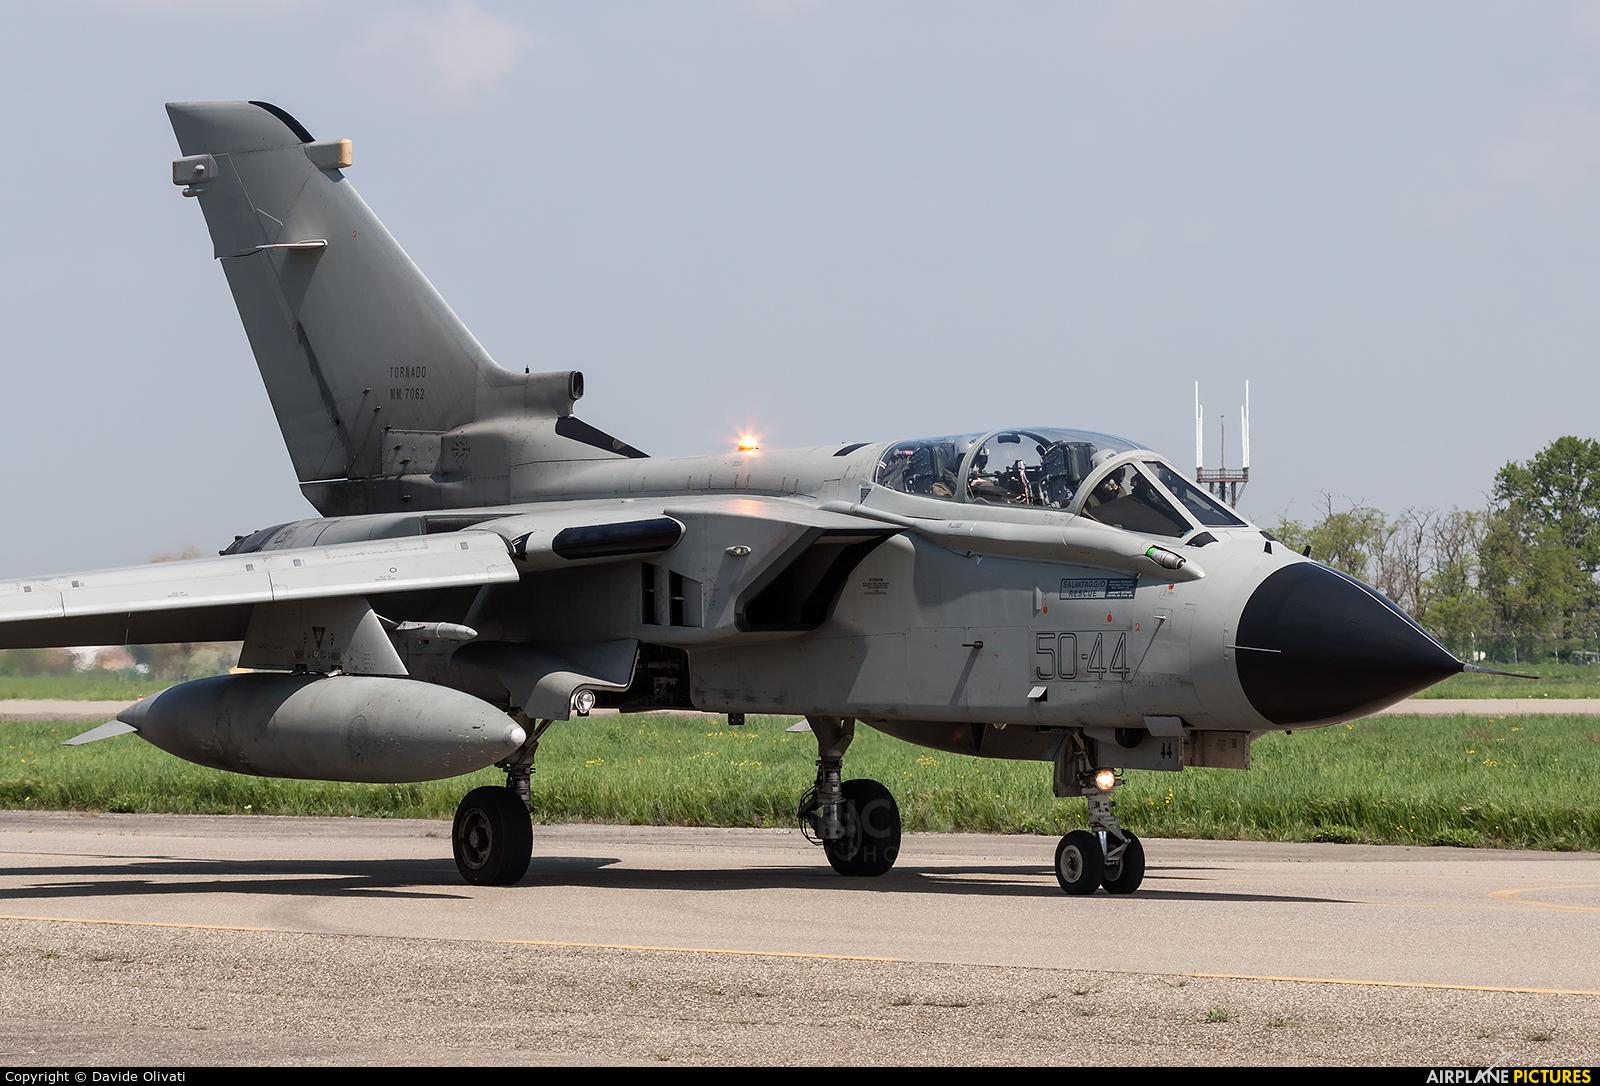 Italy - Air Force MM7062 aircraft at Piacenza